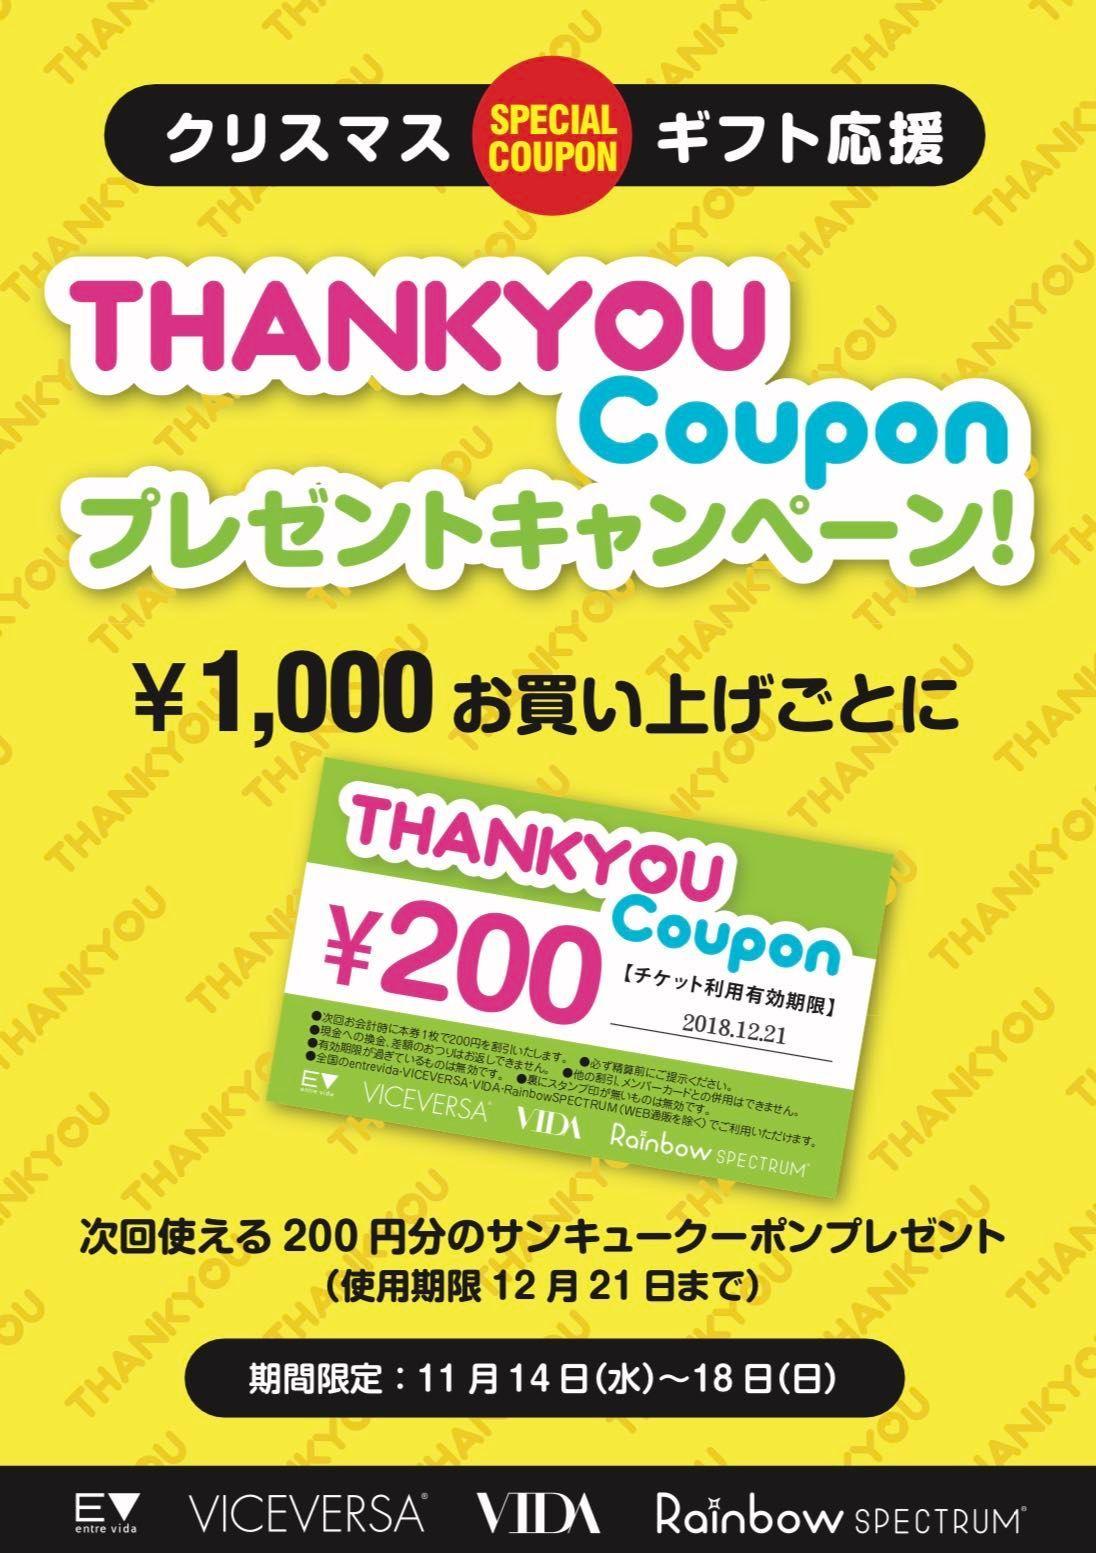 「1000円買うだけで200円もらえる!?」の写真